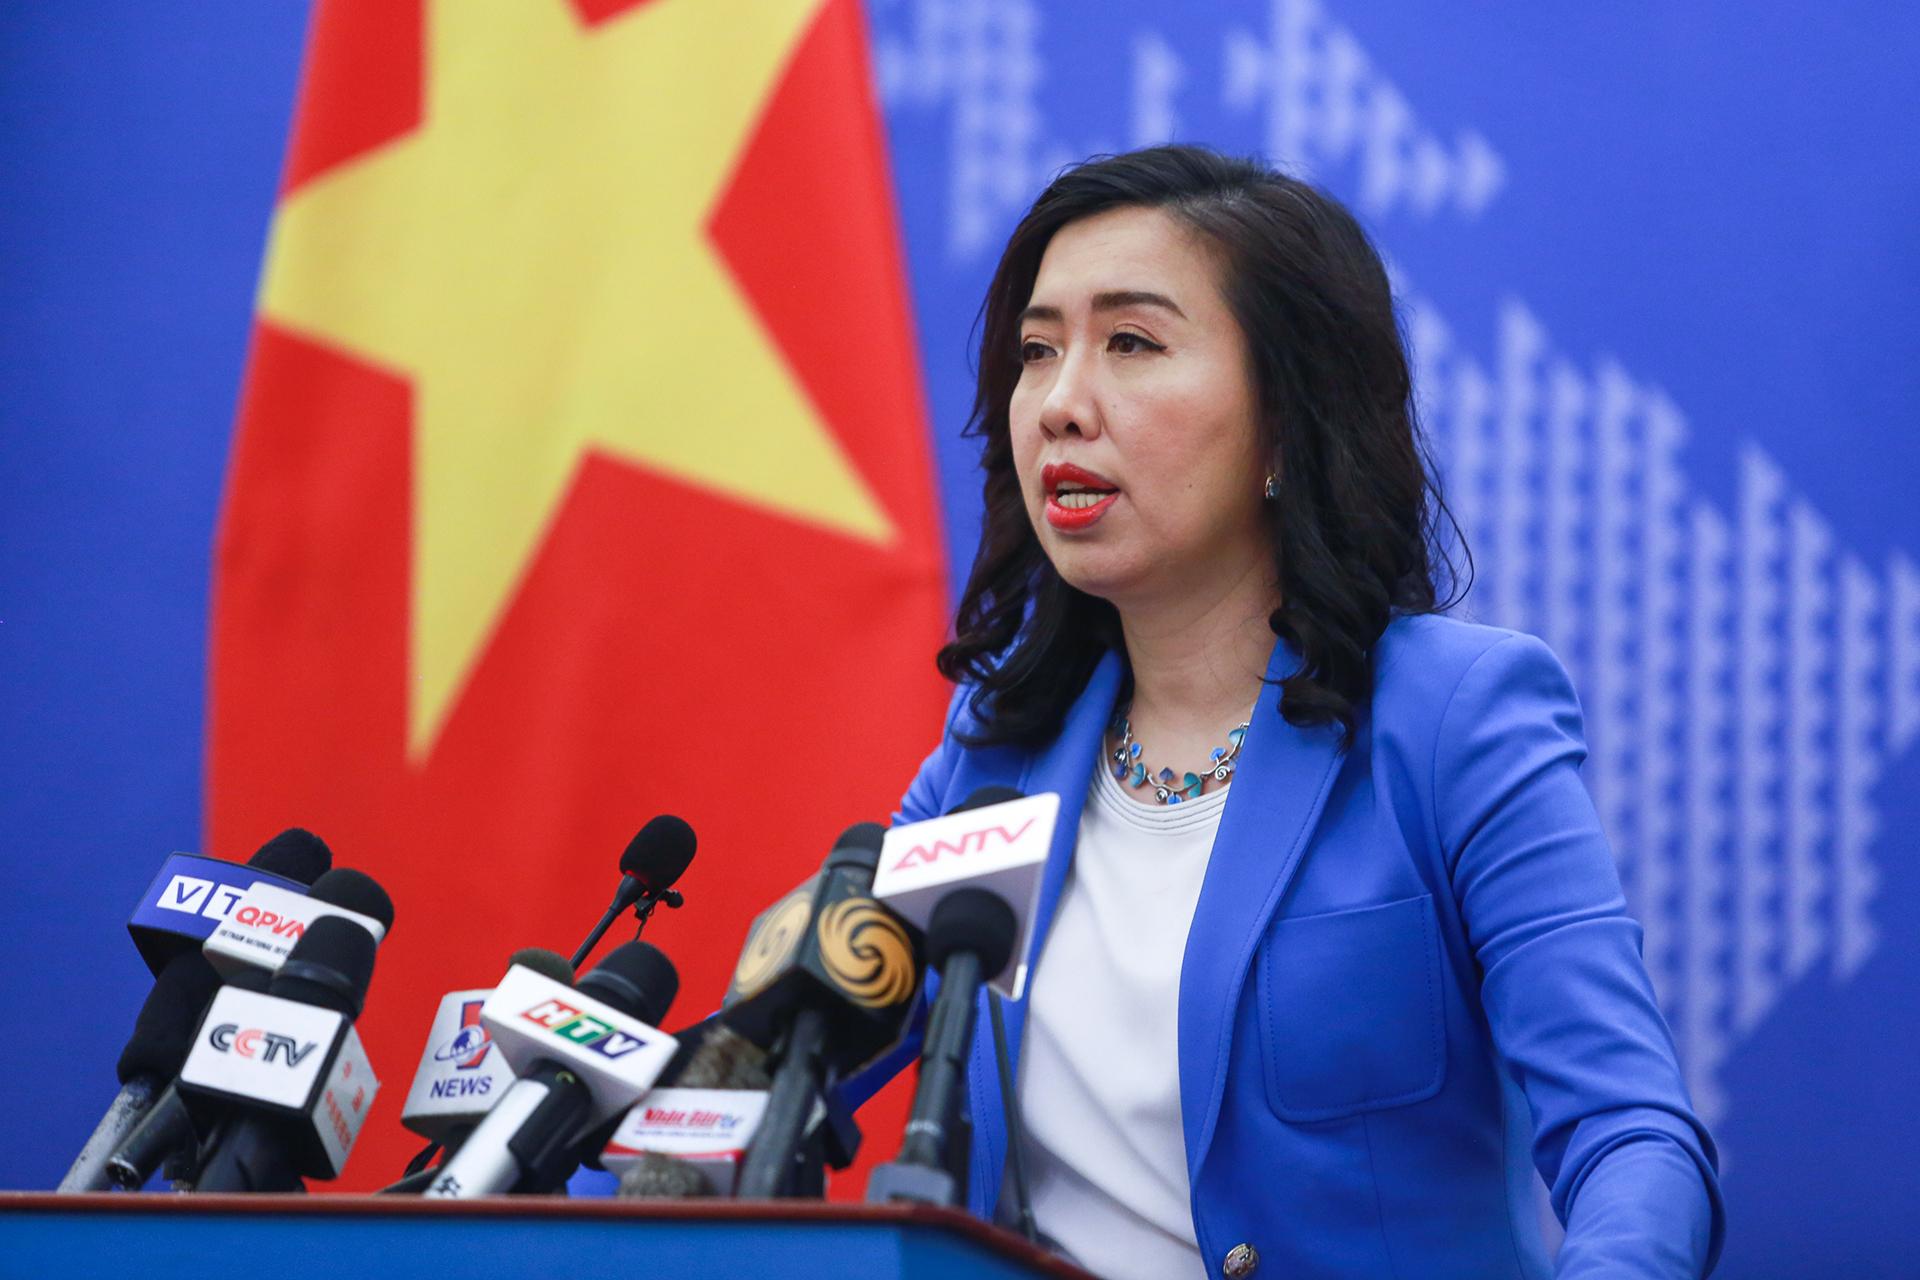 Việt Nam bình luận việc Anh, Pháp, Đức gửi công hàm về Biển Đông